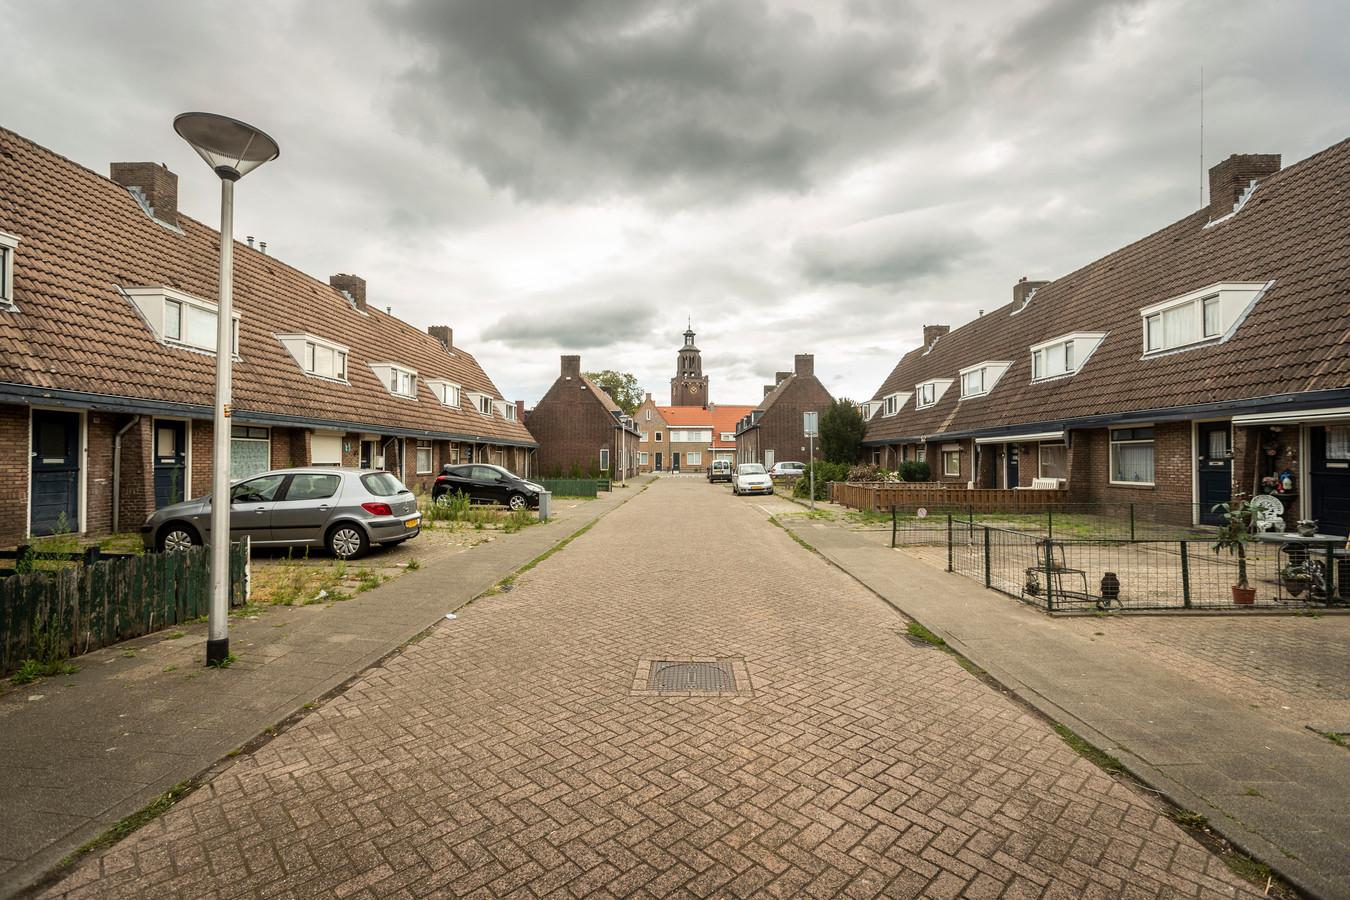 De huizen aan de De Ruiterstraat met daarachter de in 2015 opgeknapte woningen in de Jan Stevensstraat en de toren van de voormalige Leonarduskerk.